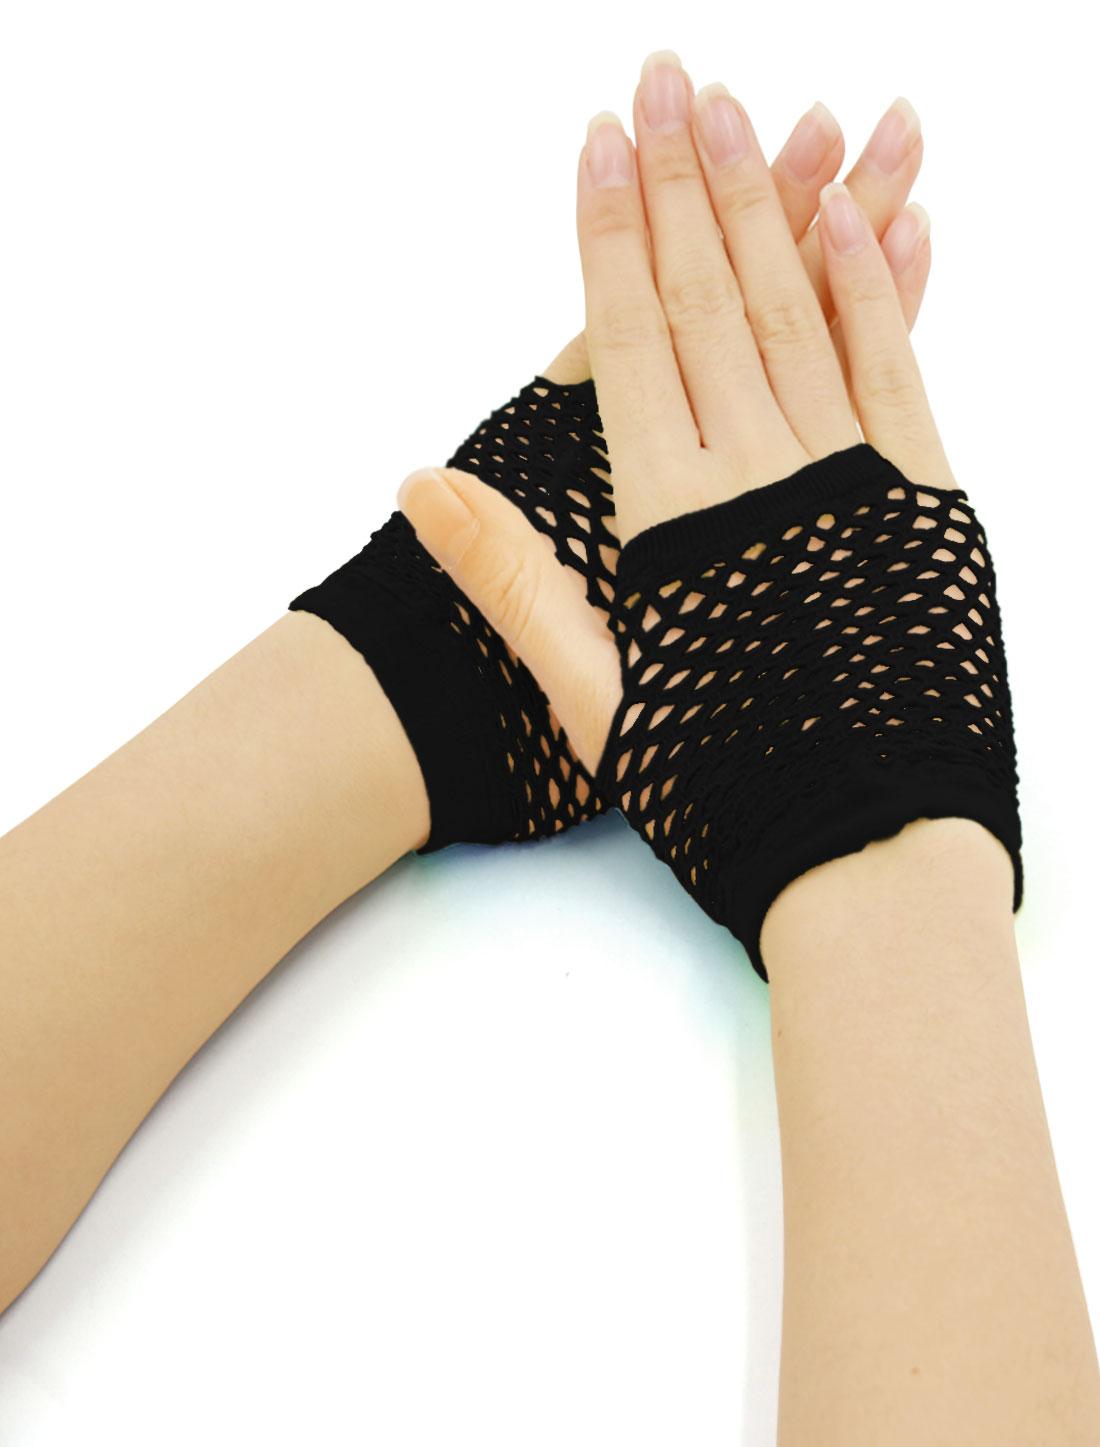 Women Wrist Length Stretchy Fingerless Fishnet Gloves 2 Pairs Black